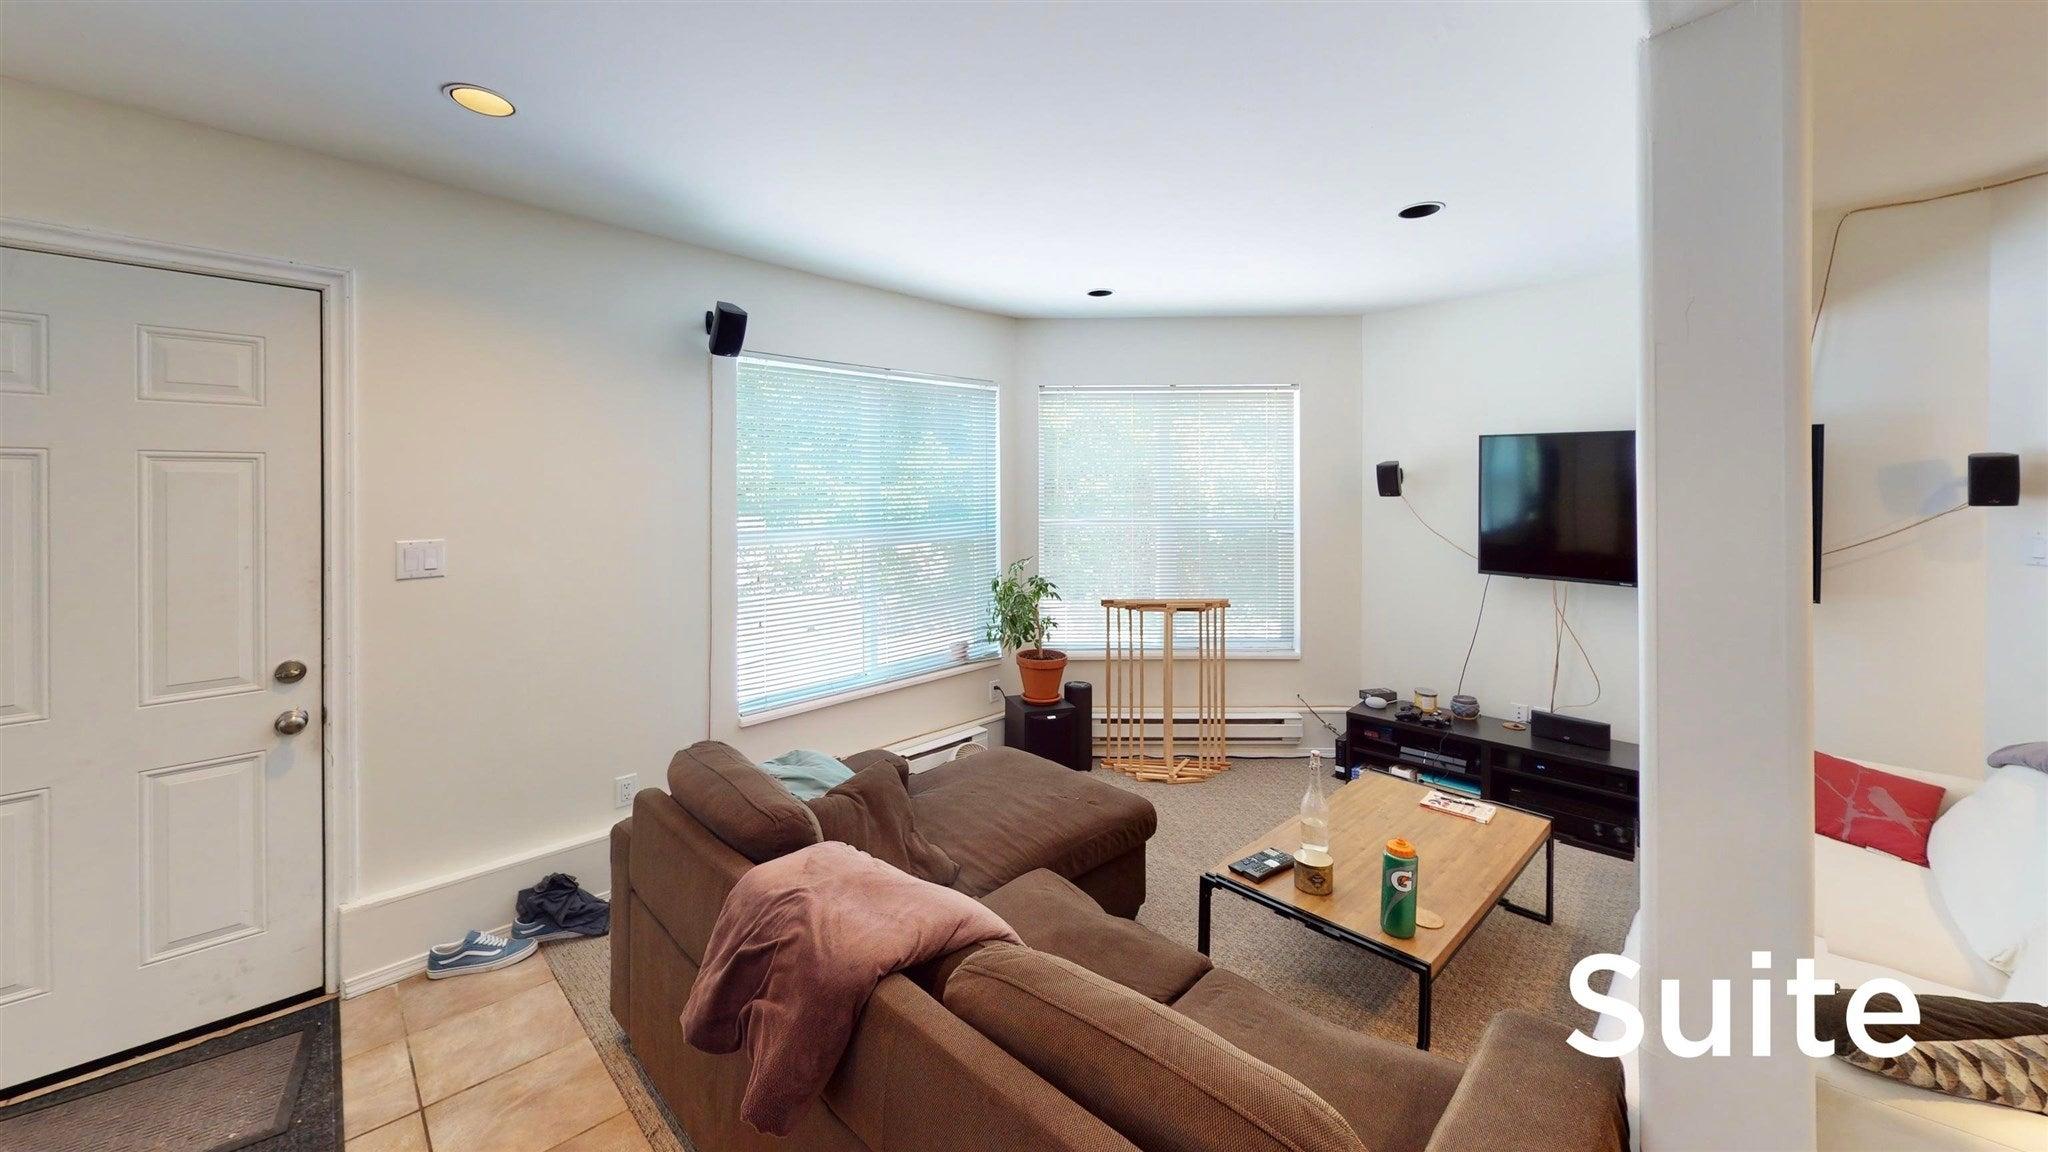 50 2322 CAYLEY CLOSE - Bayshores 1/2 Duplex for sale, 4 Bedrooms (R2599293) - #10